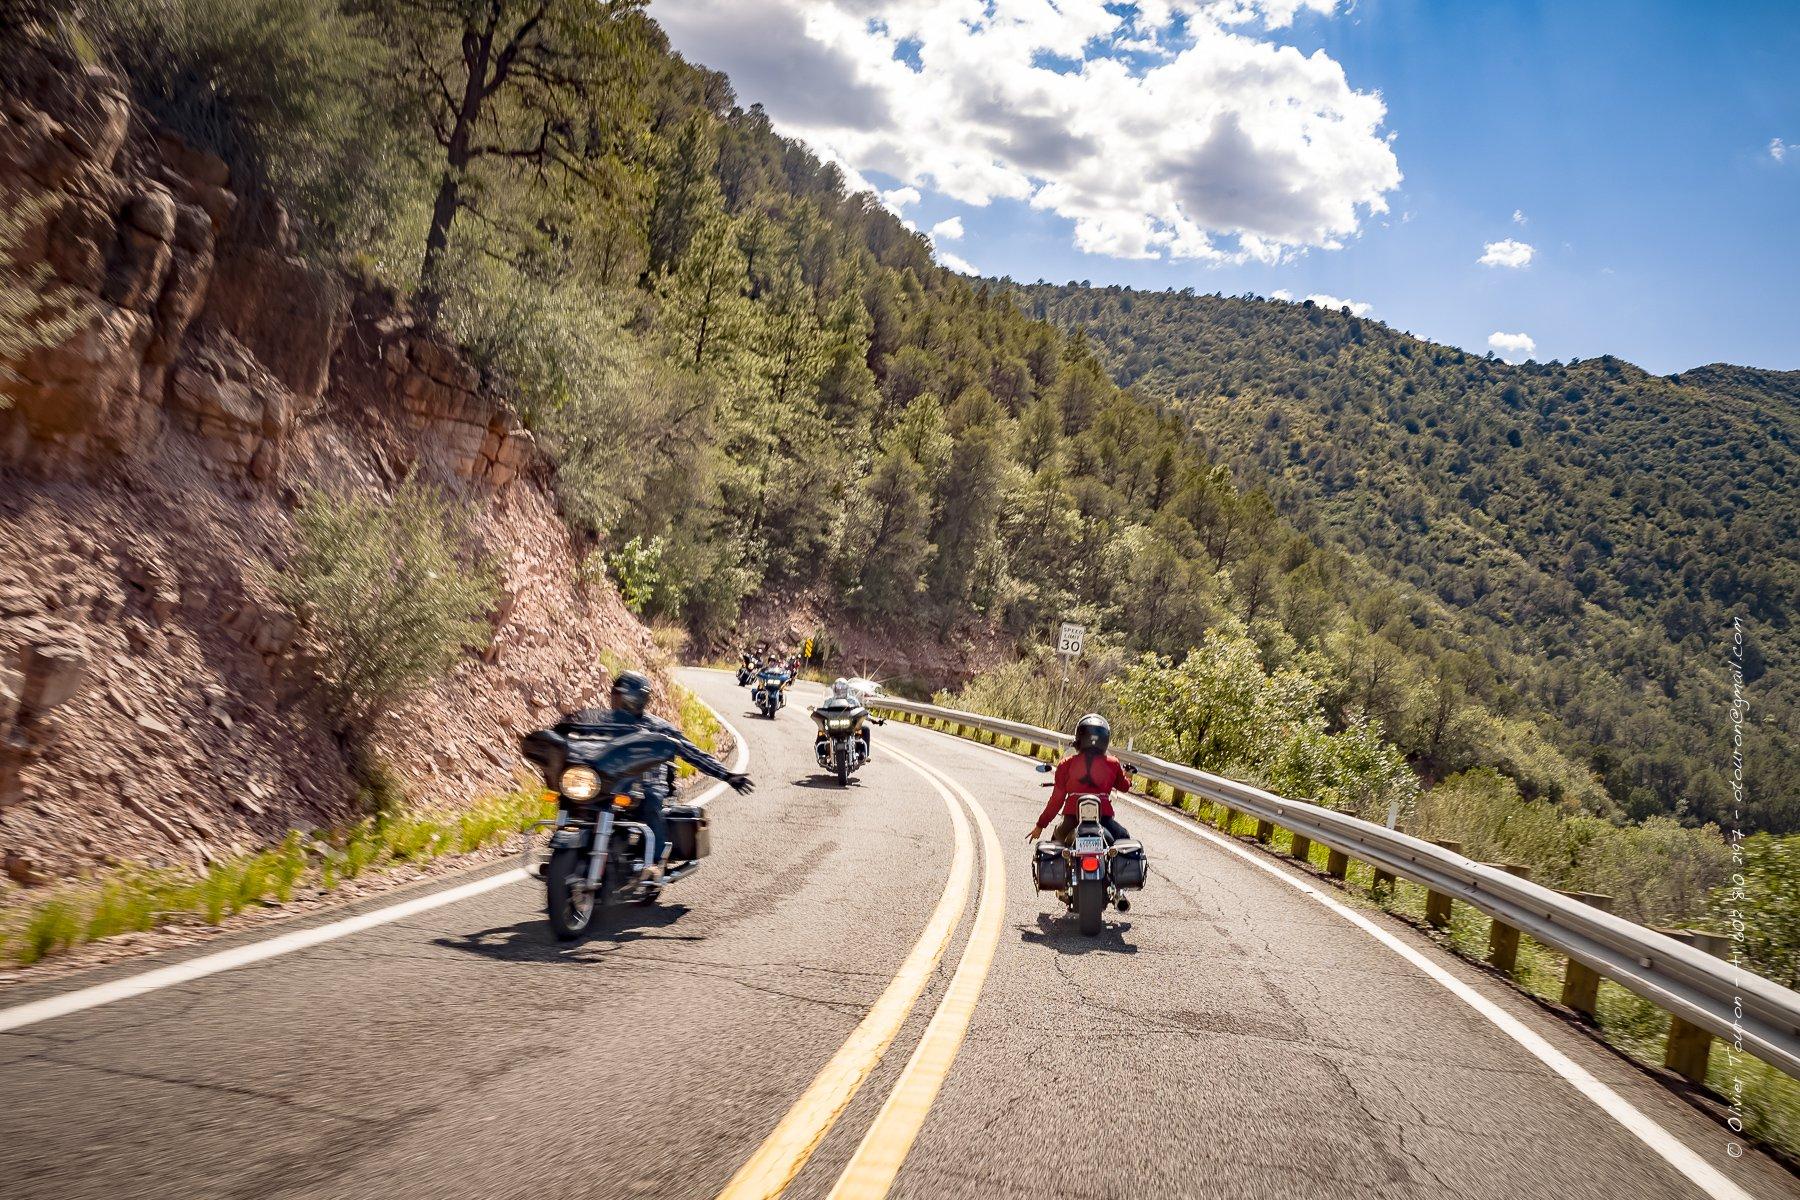 Septembre 2018. Arizona. Highway 89 entre Prescott et Flagstaff, en passant par Jerome et Sedona. // © Olivier Touron / Divergence